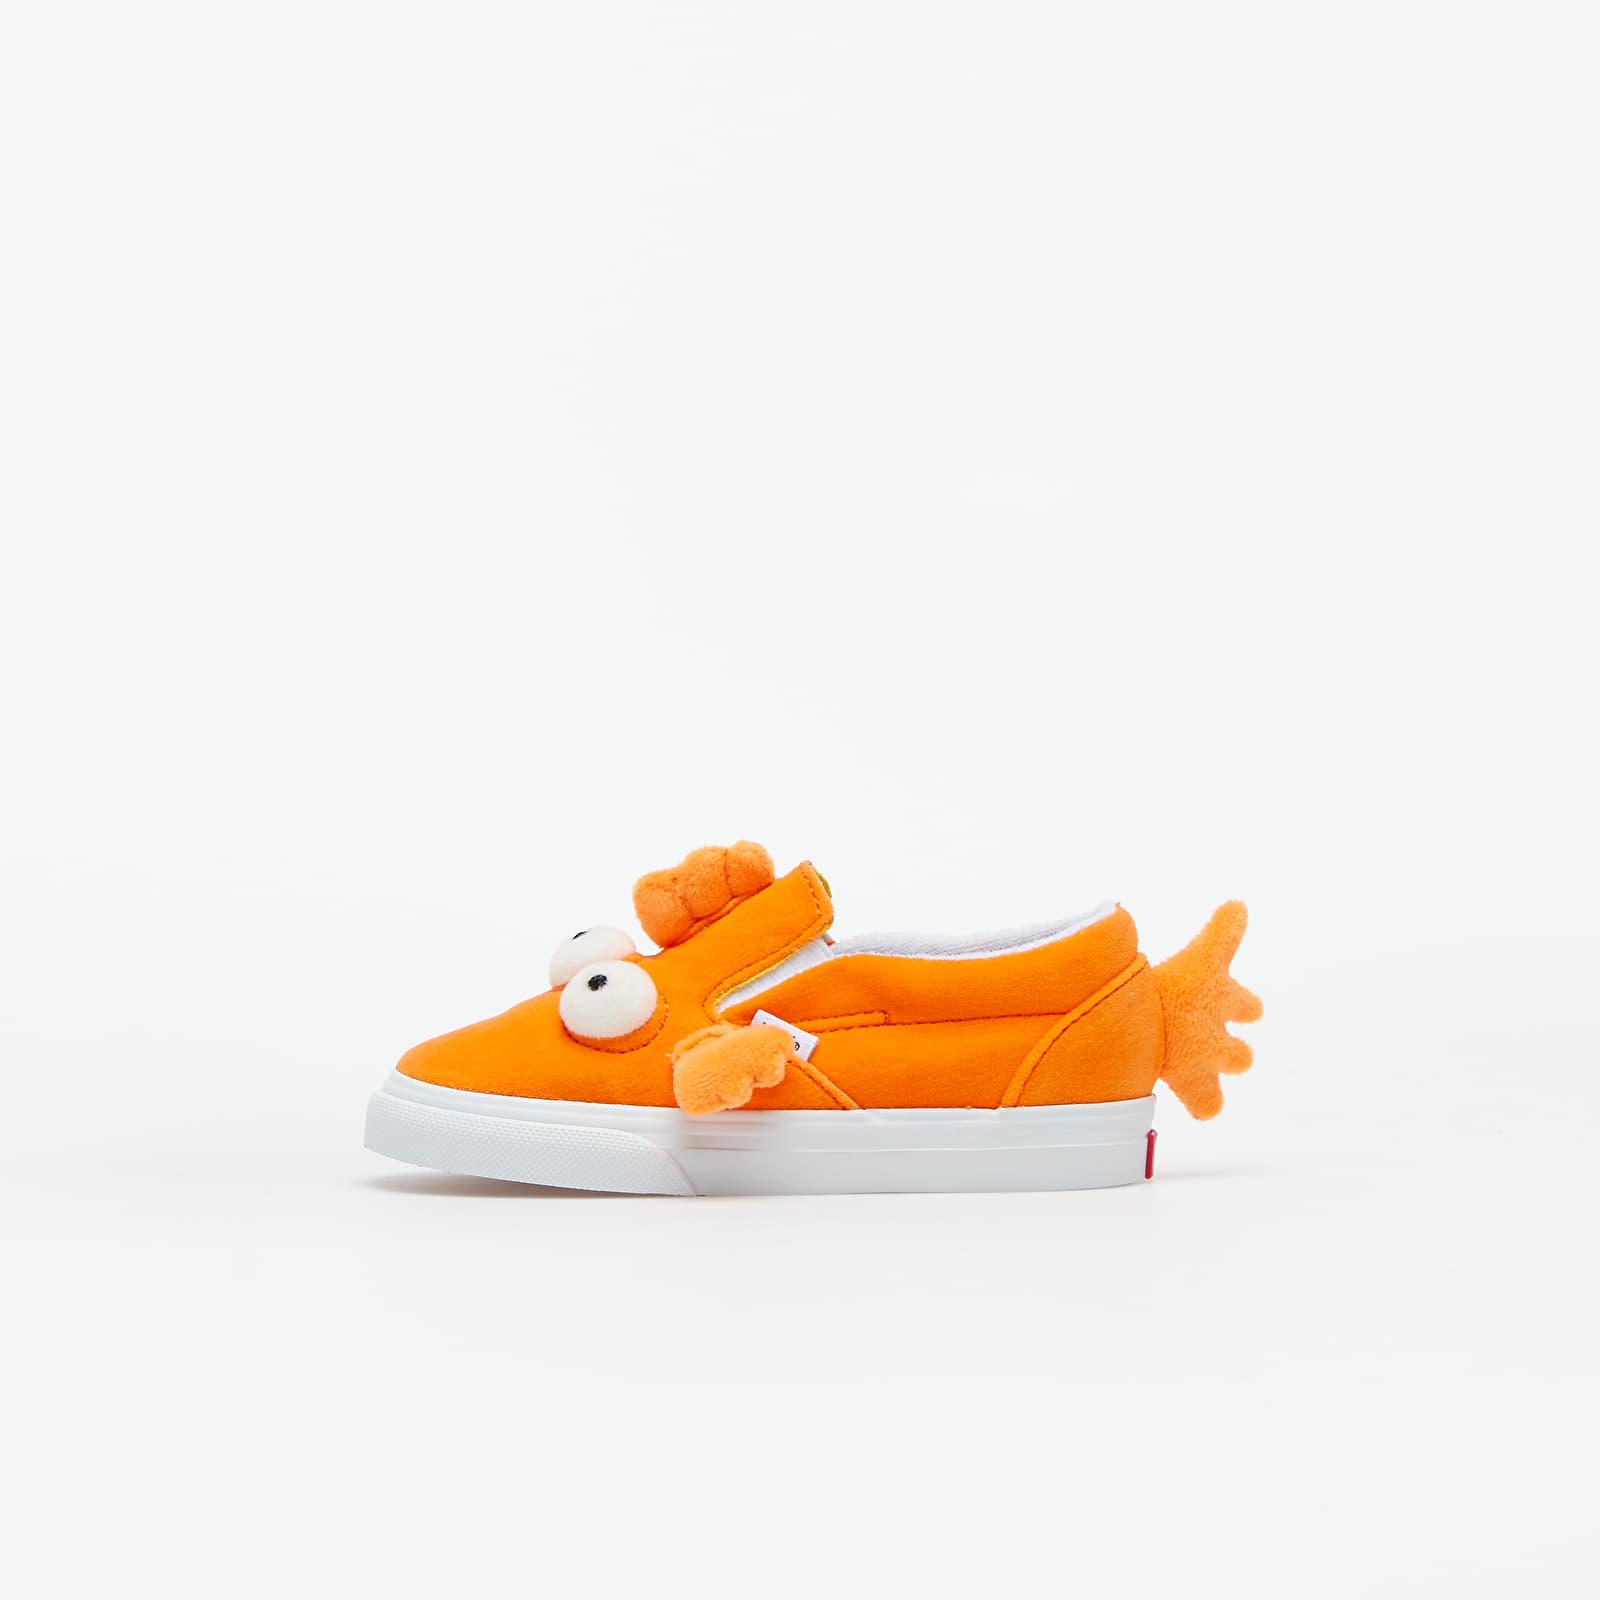 Kinderschuhe Vans Fish Slip-On V (The Simpsons) Blinky